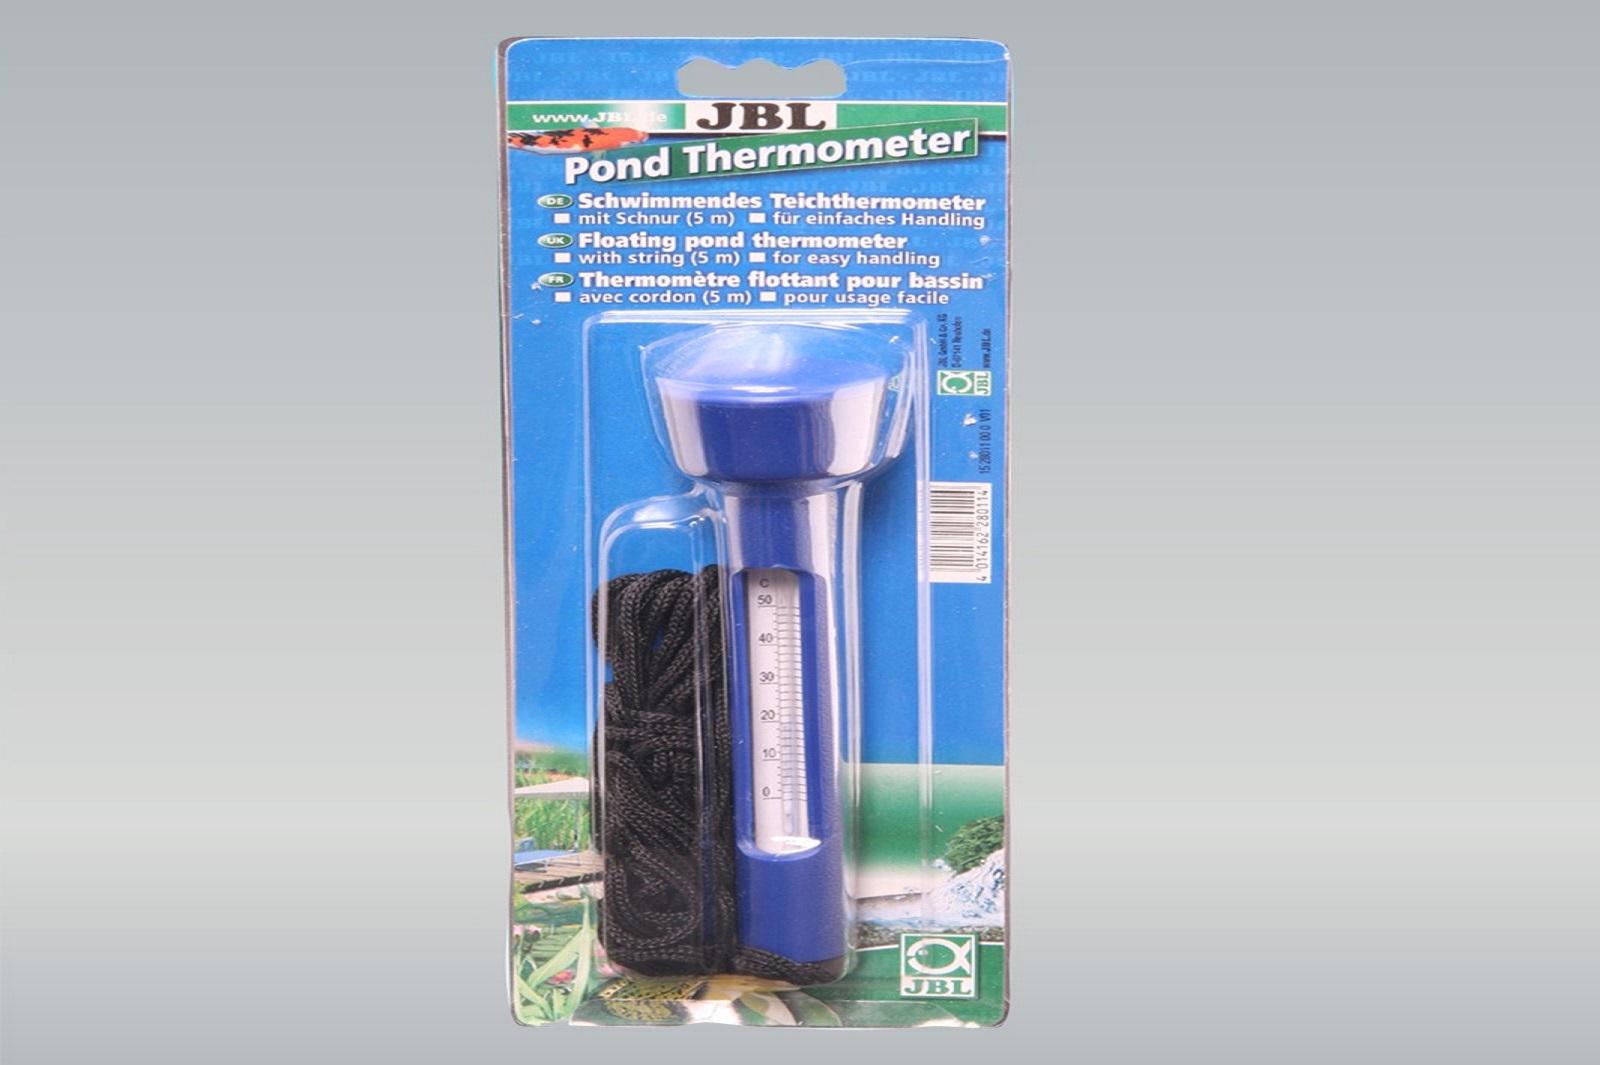 JBL Pond Thermometer Zubehör schwimmender Teichthermometer